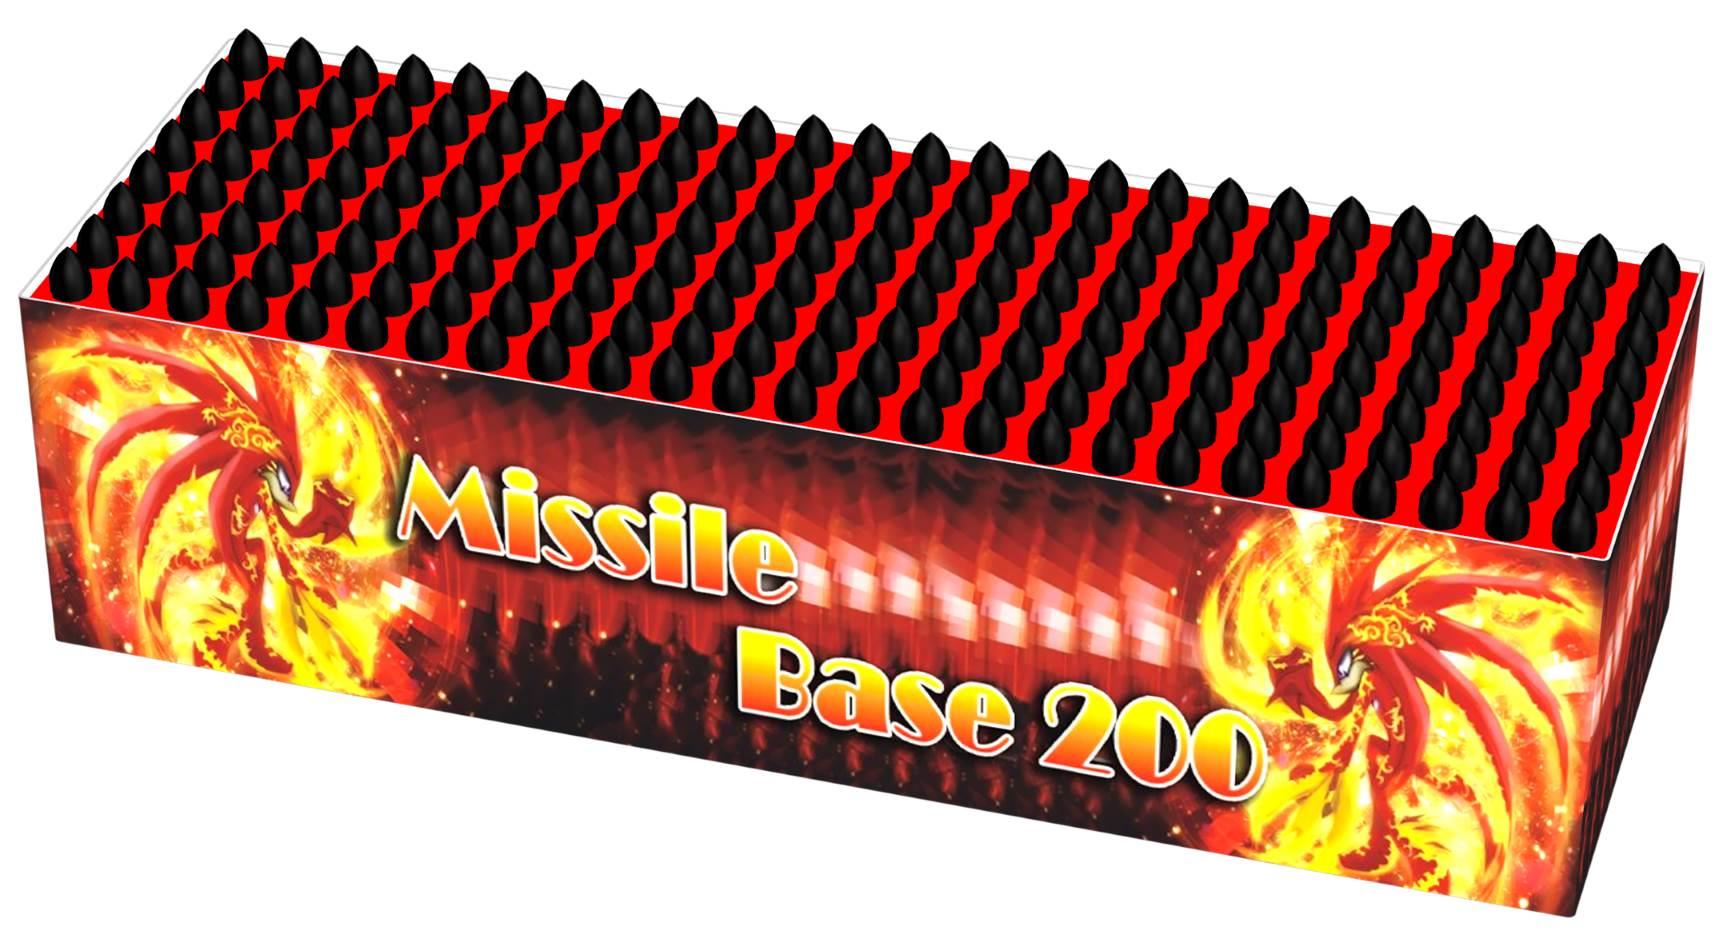 Missile Base 200*